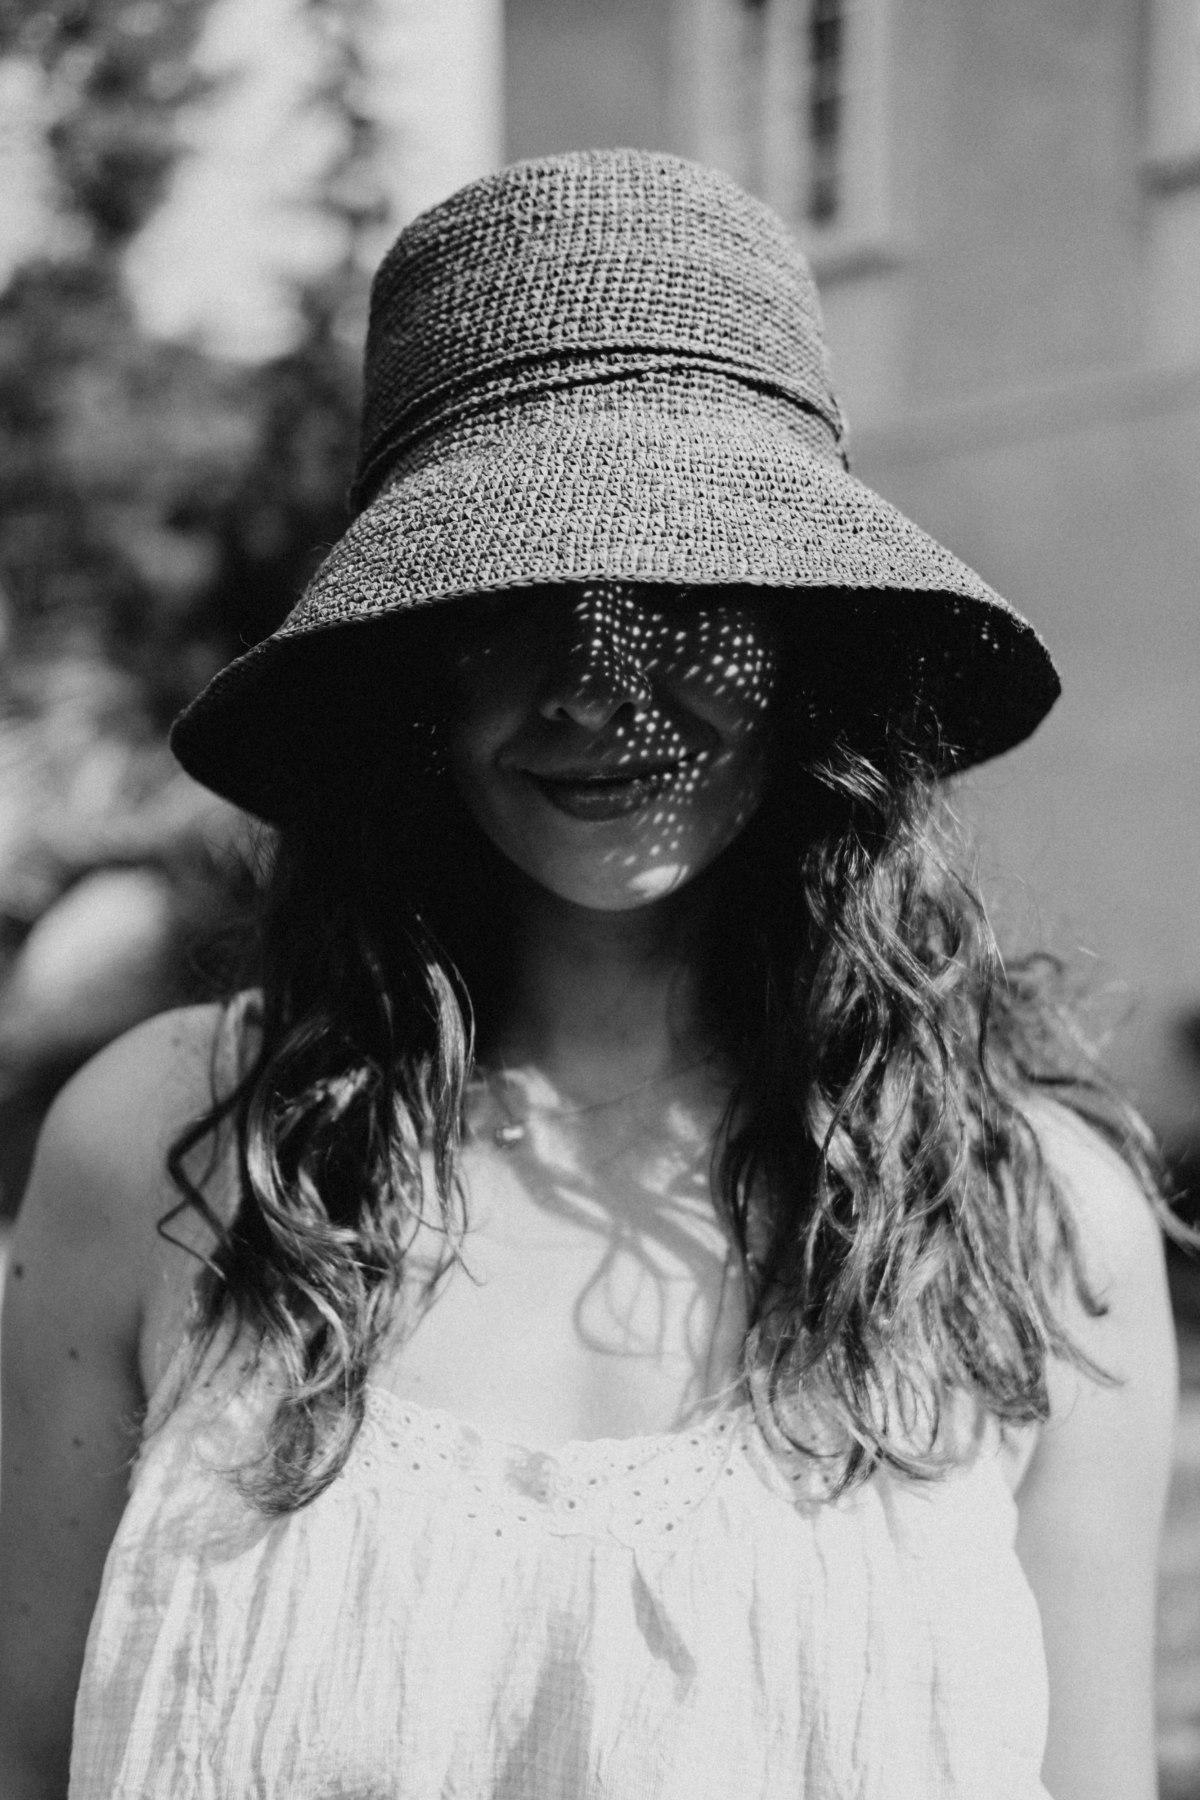 nila-summer-246.jpg